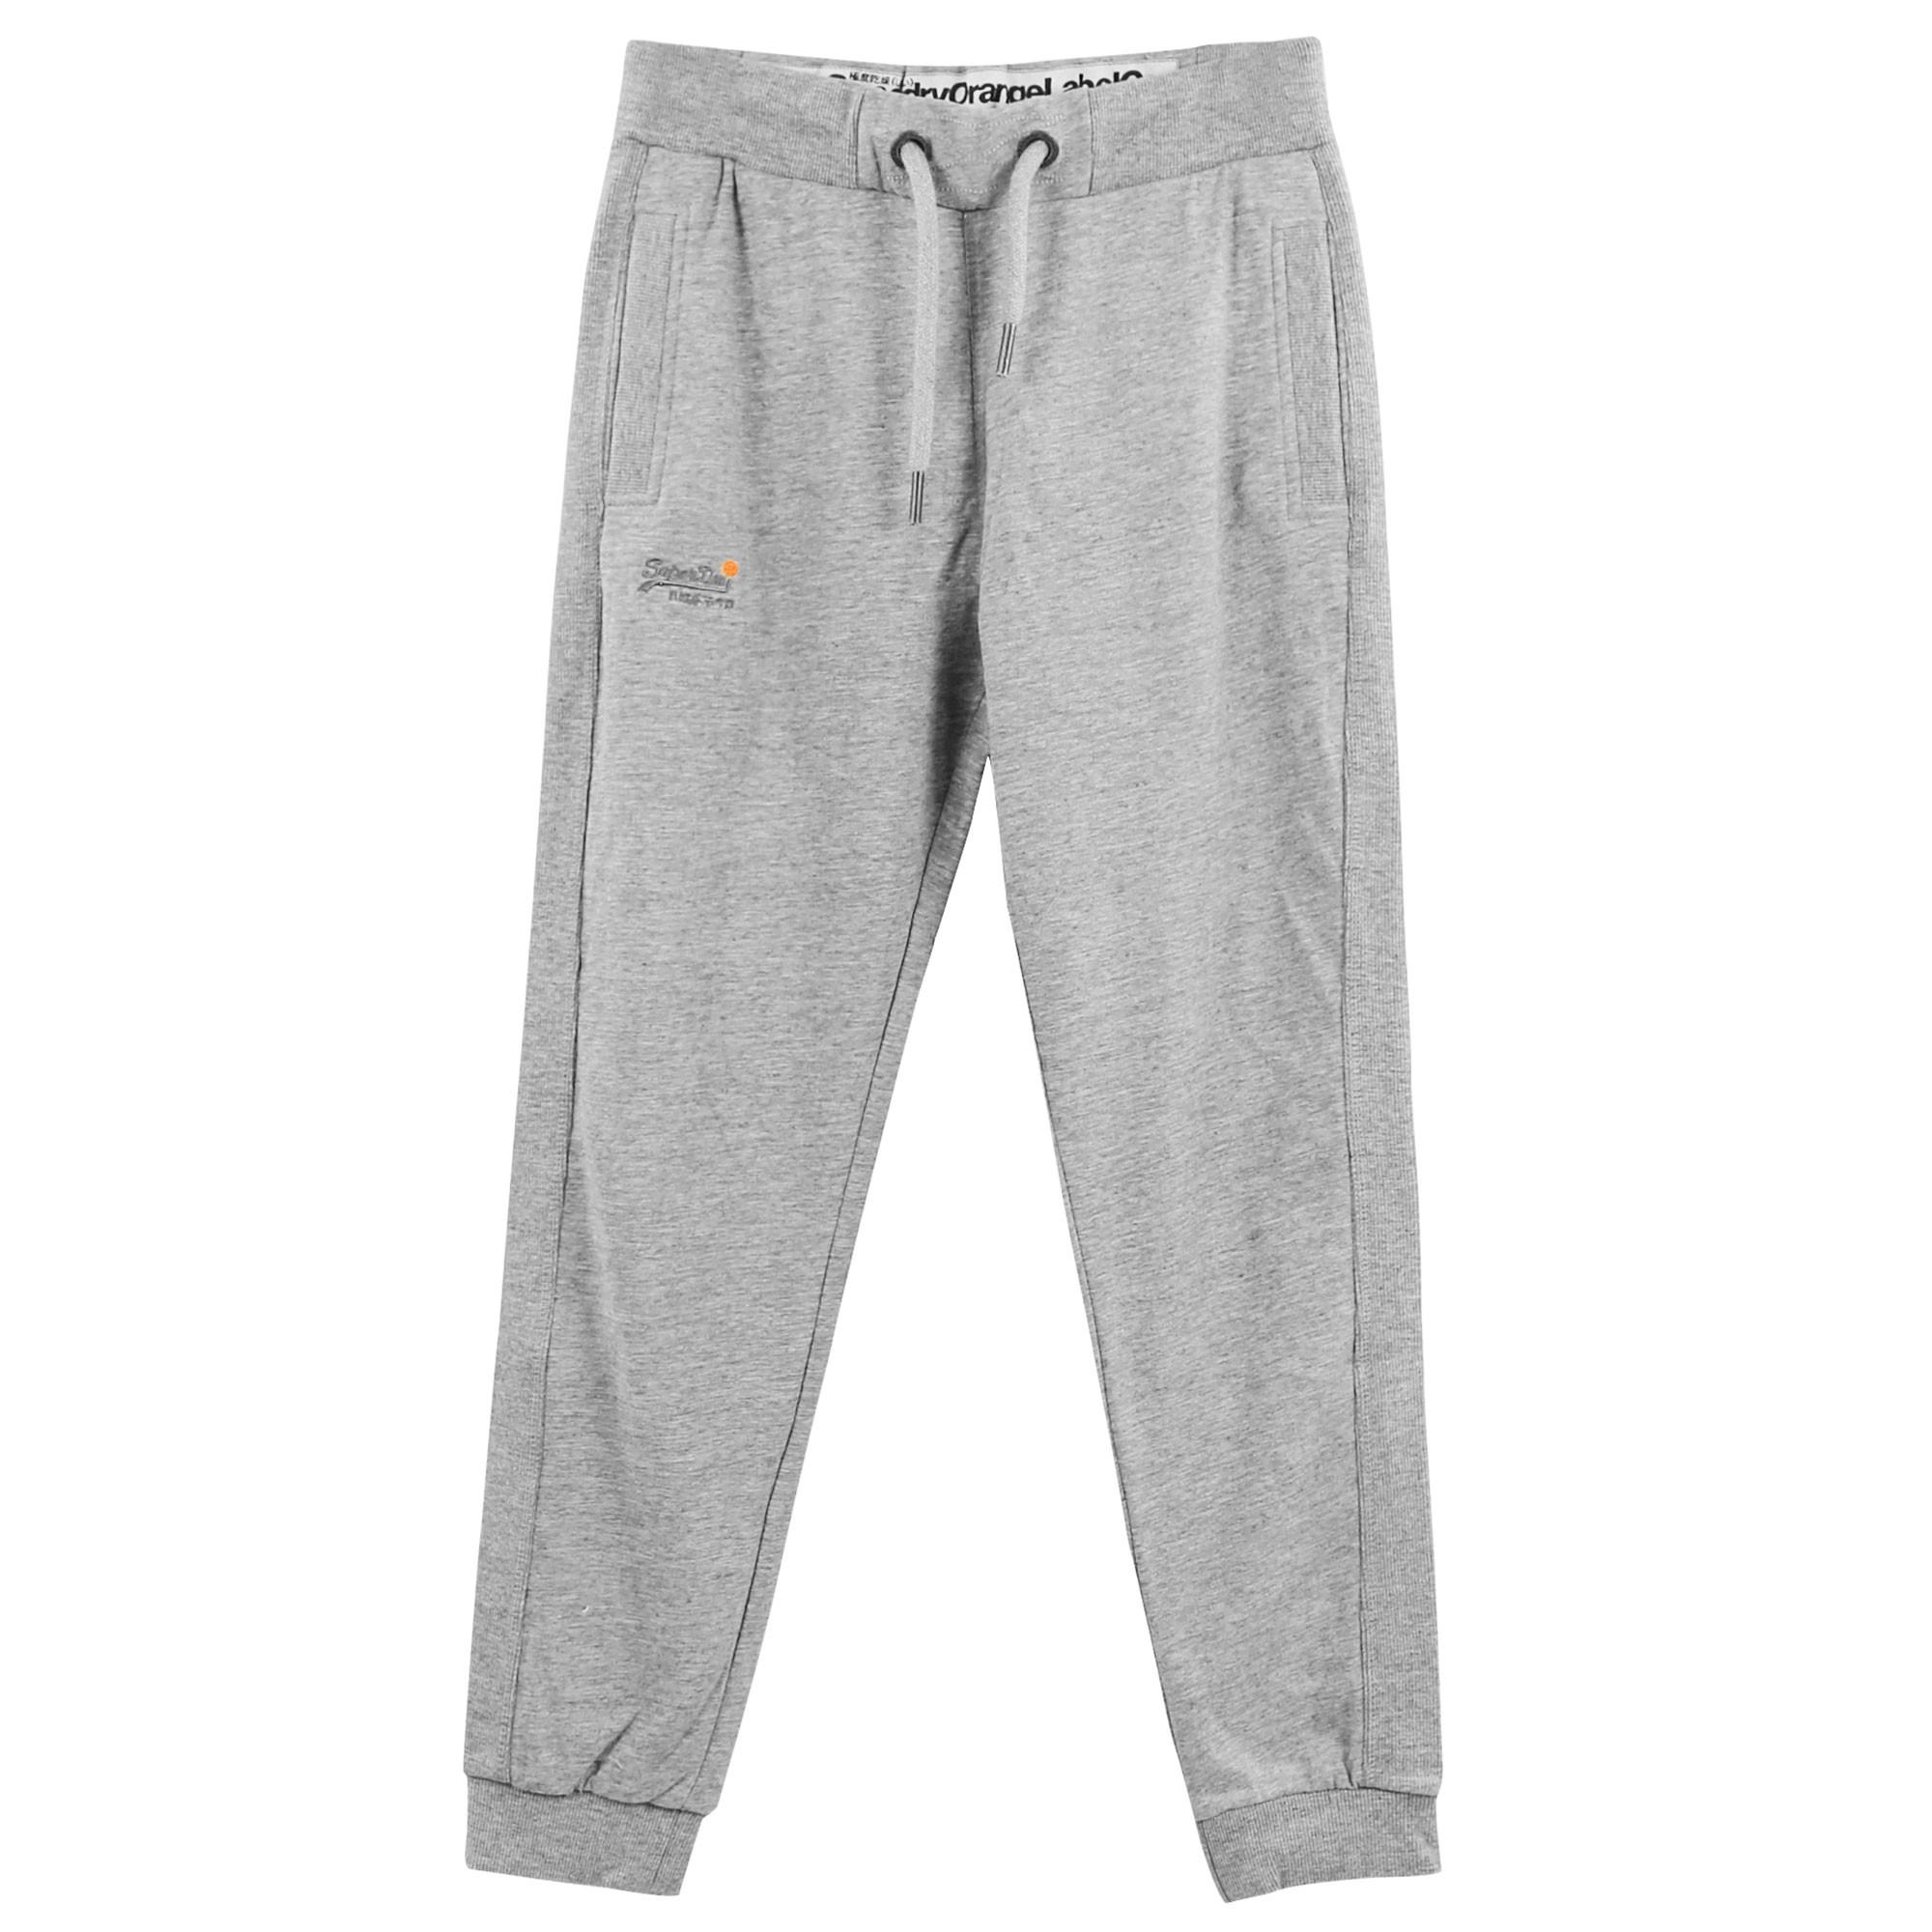 Orange Label Lite Slim Pantalon Jogging Homme SUPERDRY GRIS